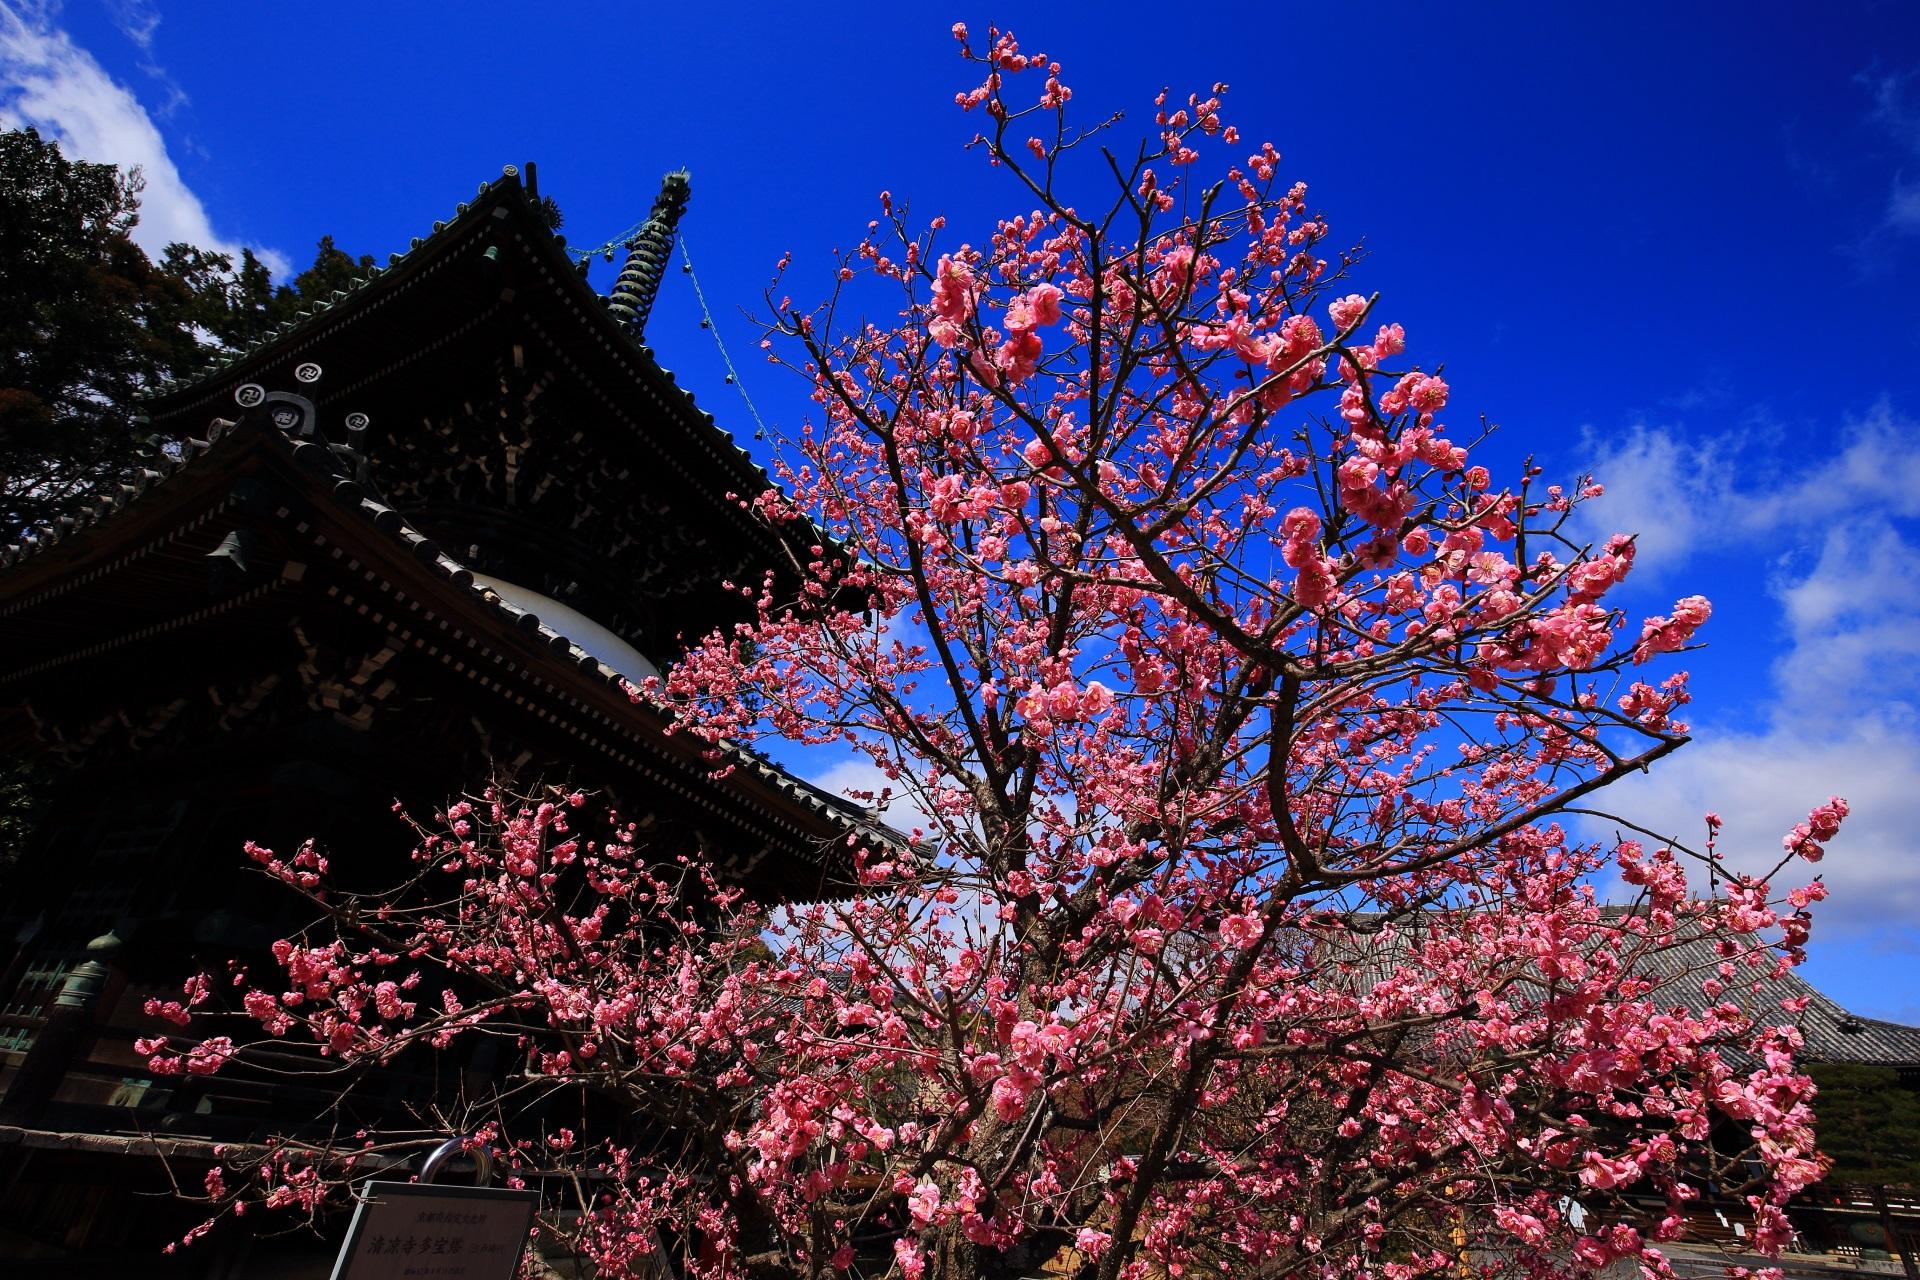 清涼寺 梅 伽藍と青空を彩る煌びやかな紅白の梅